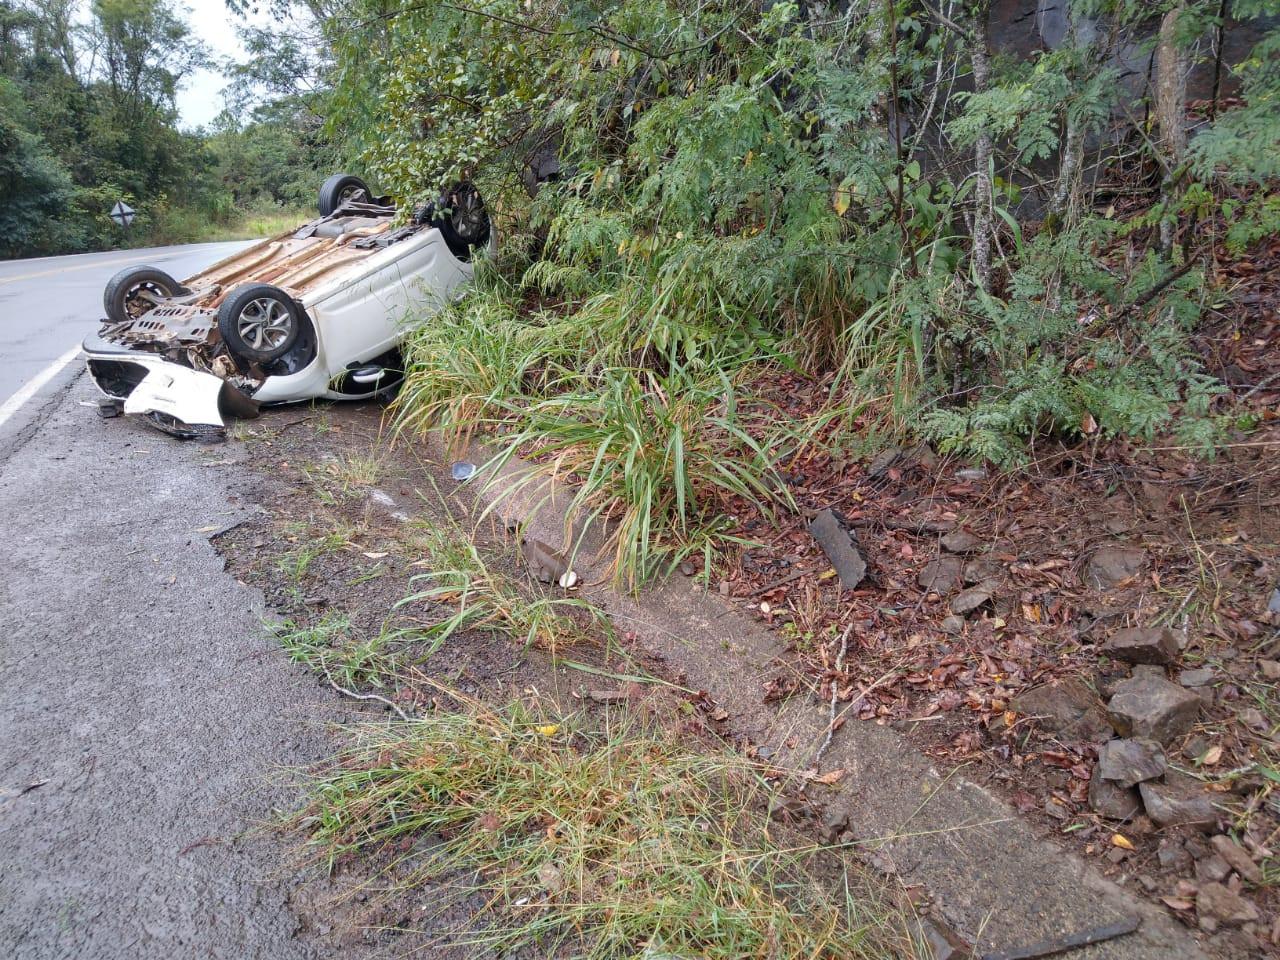 Idosa perde o controle do carro, sai da pista e capota o veículo na SC 283 em Seara